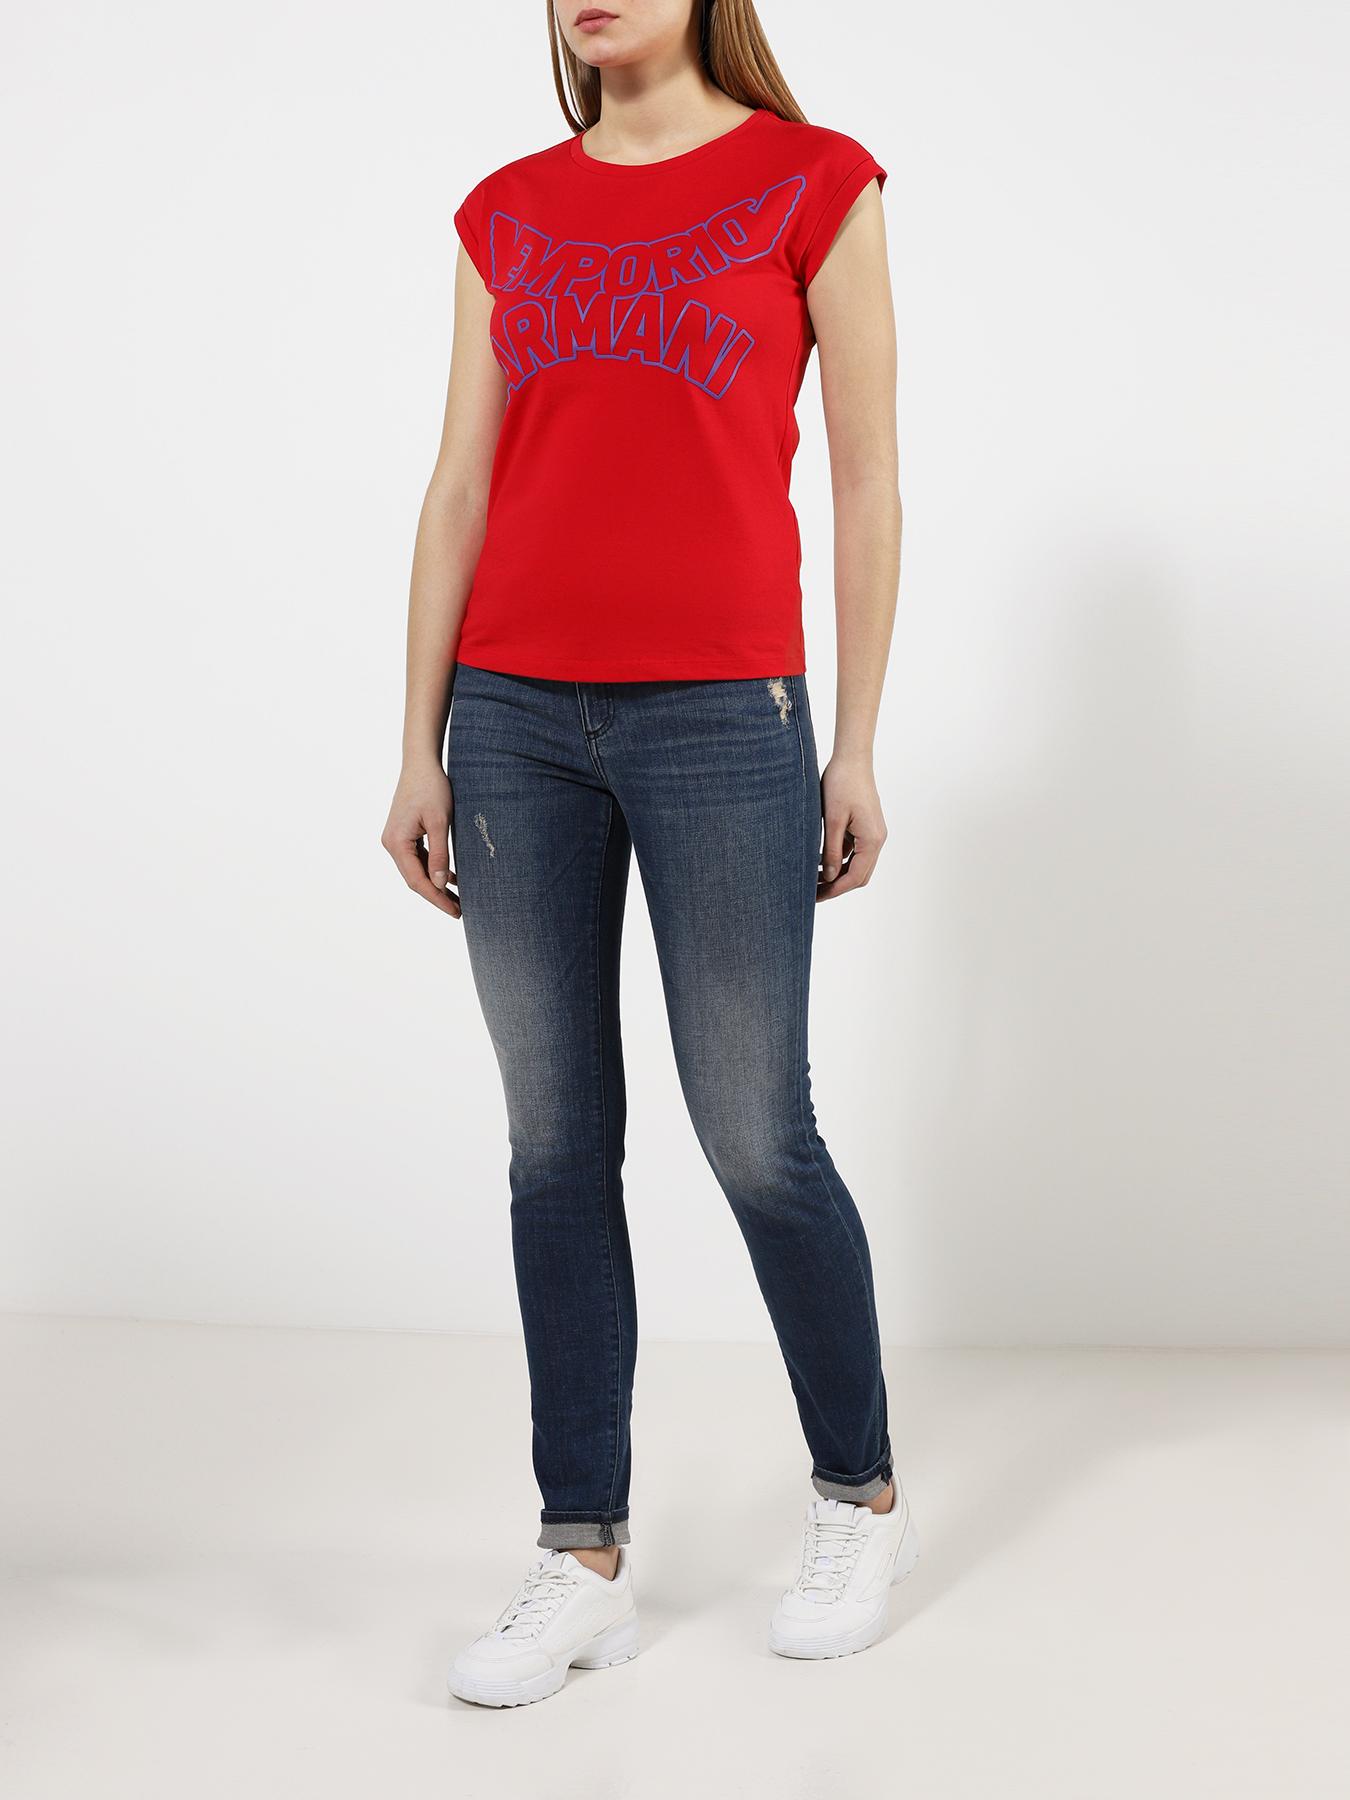 Брюки Armani Exchange Облегающие джинсы J01